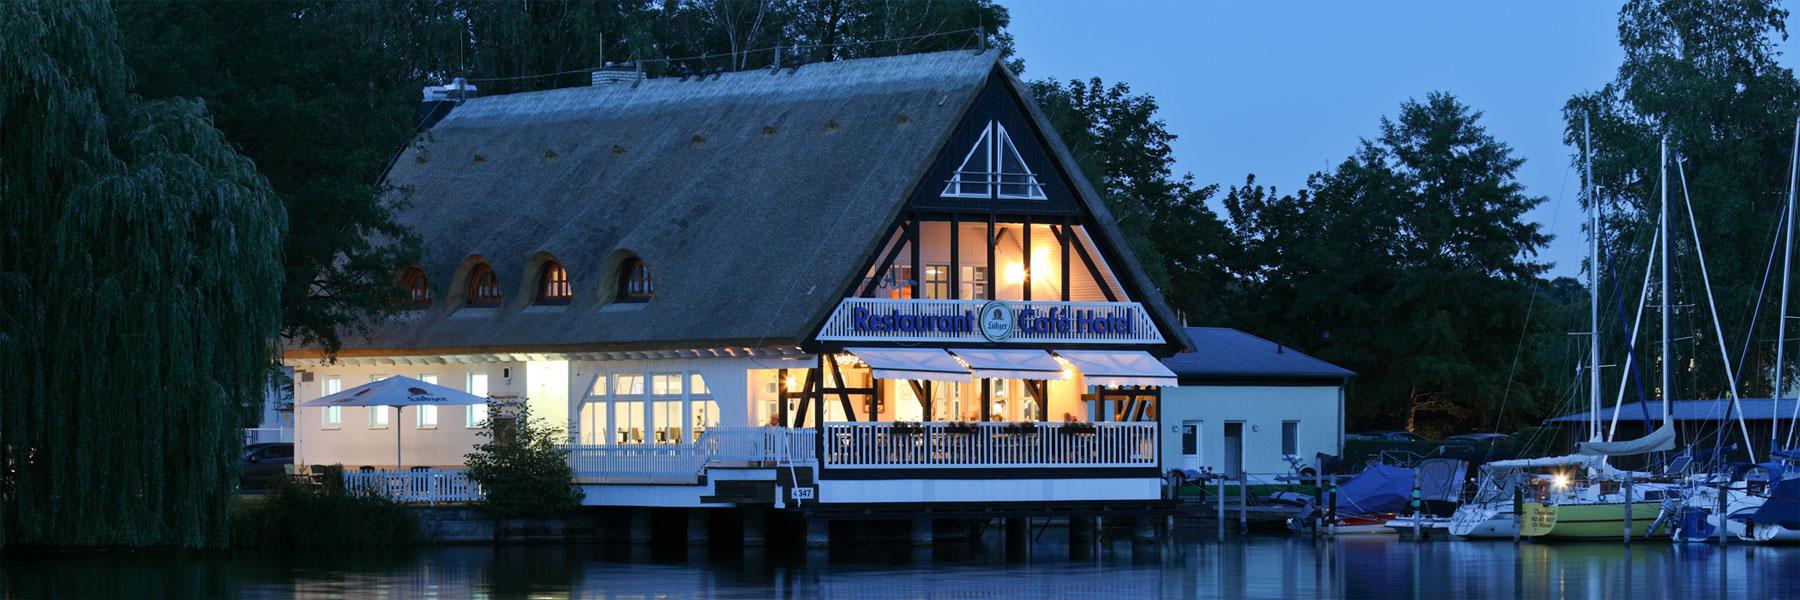 Abendstimmung - Hotel und Restaurant Seglerheim